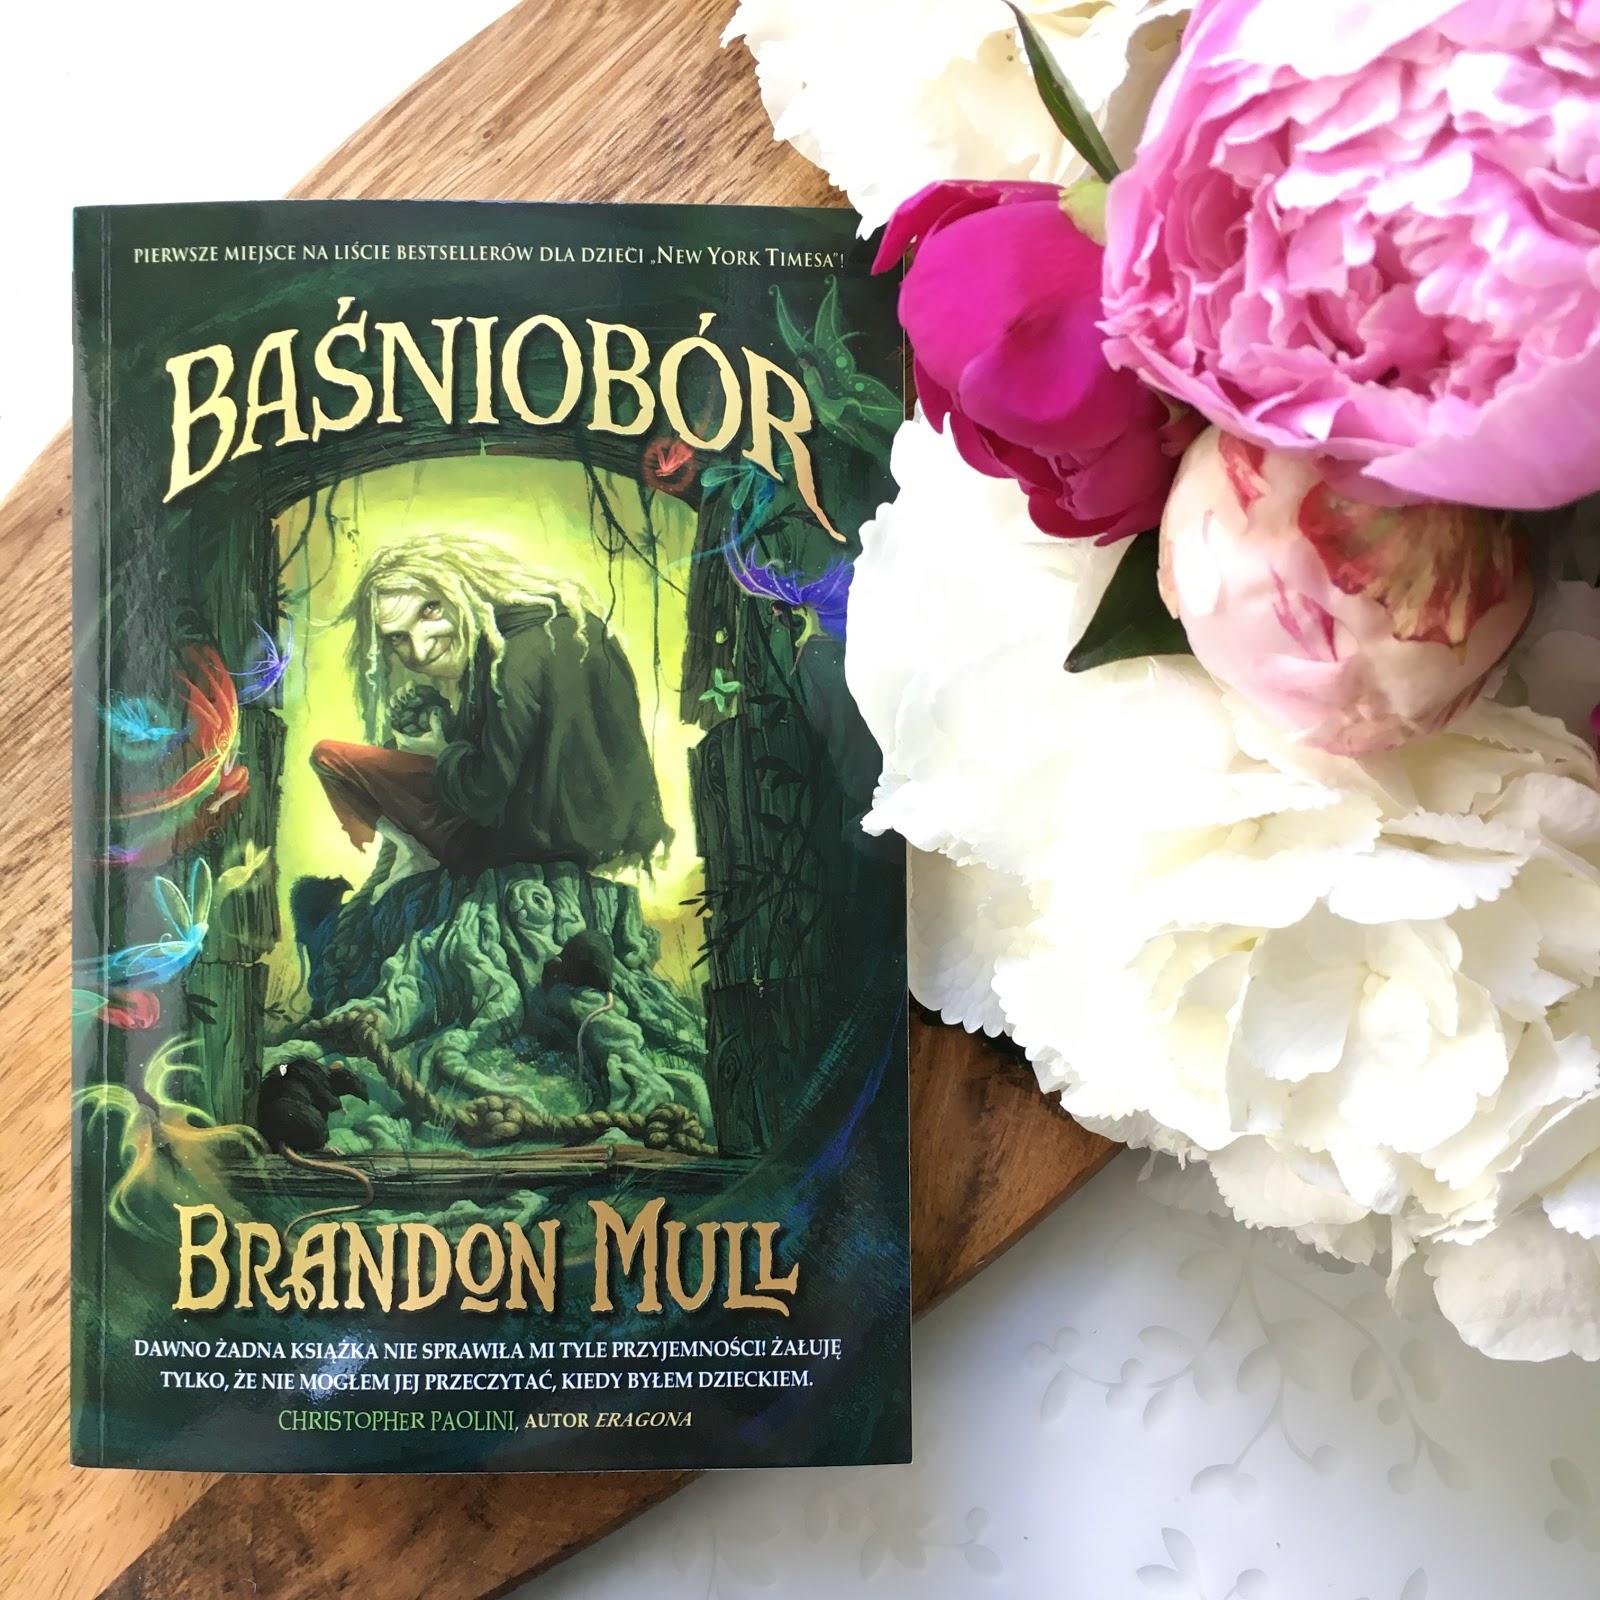 Brandon Mull i jego Baśniobór oraz moje wrażenia po lekturze.